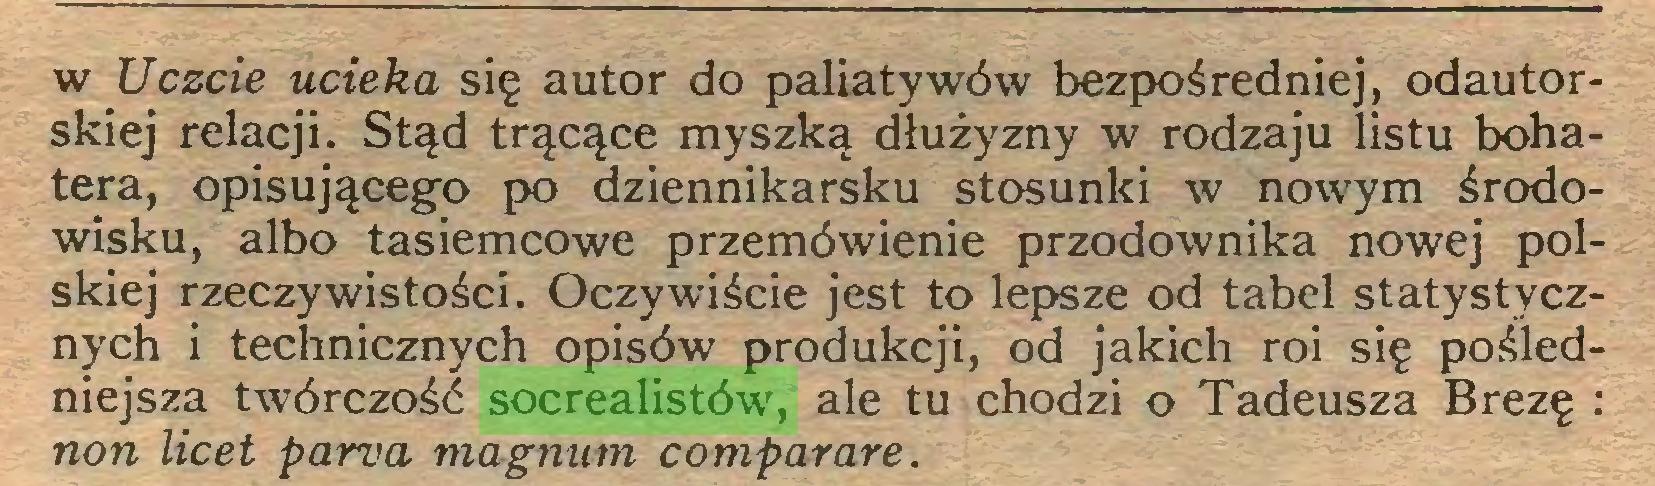 (...) w Uczcie ucieka się autor do paliatywów bezpośredniej, odautorskiej relacji. Stąd trącące myszką dłużyzny w rodzaju listu bohatera, opisującego po dziennikarsku stosunki w nowym środowisku, albo tasiemcowe przemówienie przodownika nowej polskiej rzeczywistości. Oczywiście jest to lepsze od tabel statystycznych i technicznych opisów produkcji, od jakich roi się pośledniejsza twórczość socrealistów, ale tu chodzi o Tadeusza Brezę : non licet parva magnum comparare...